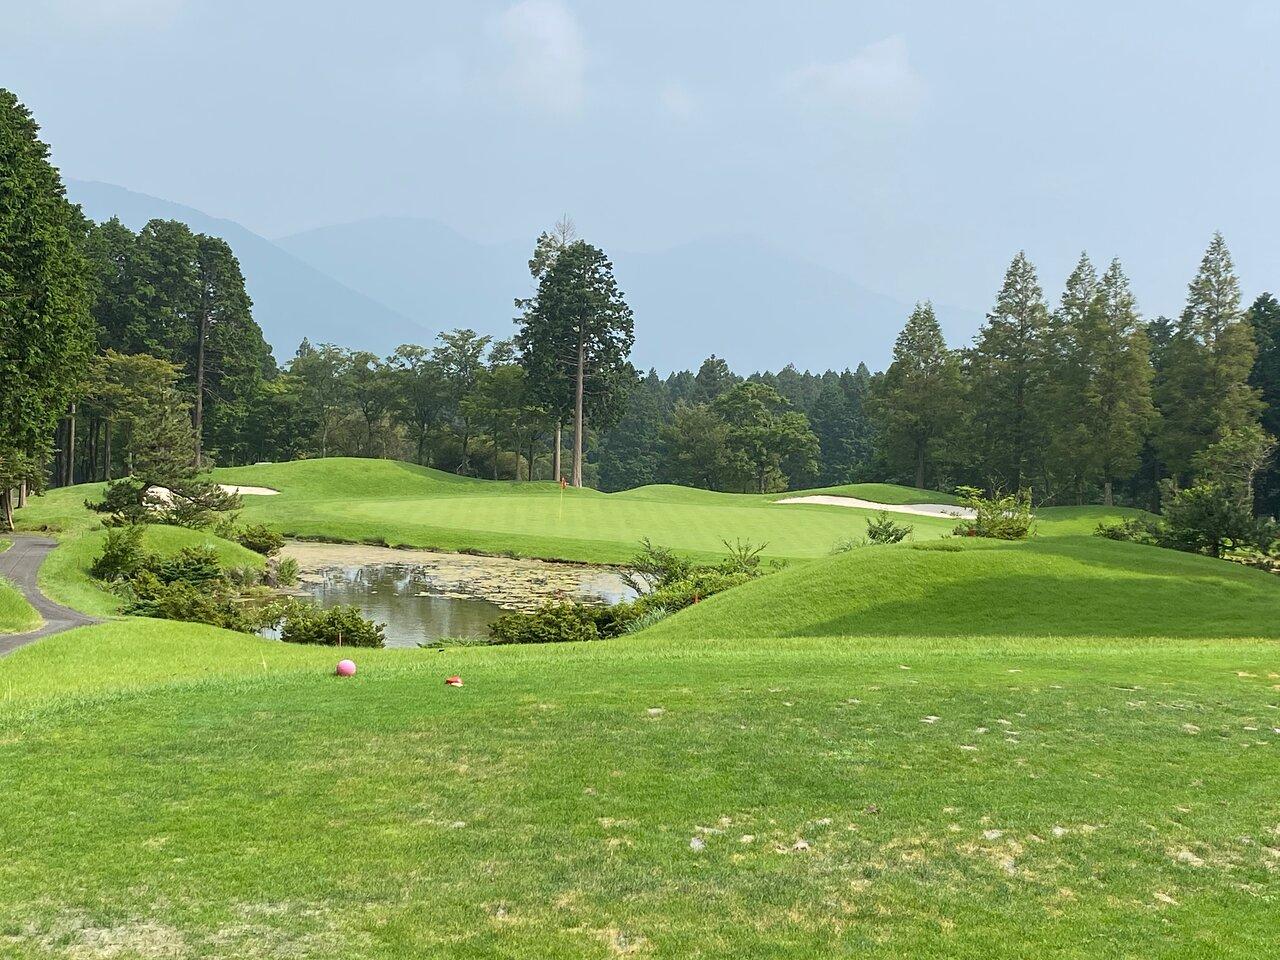 ゴルフ 箱根 コース 天気 湖畔